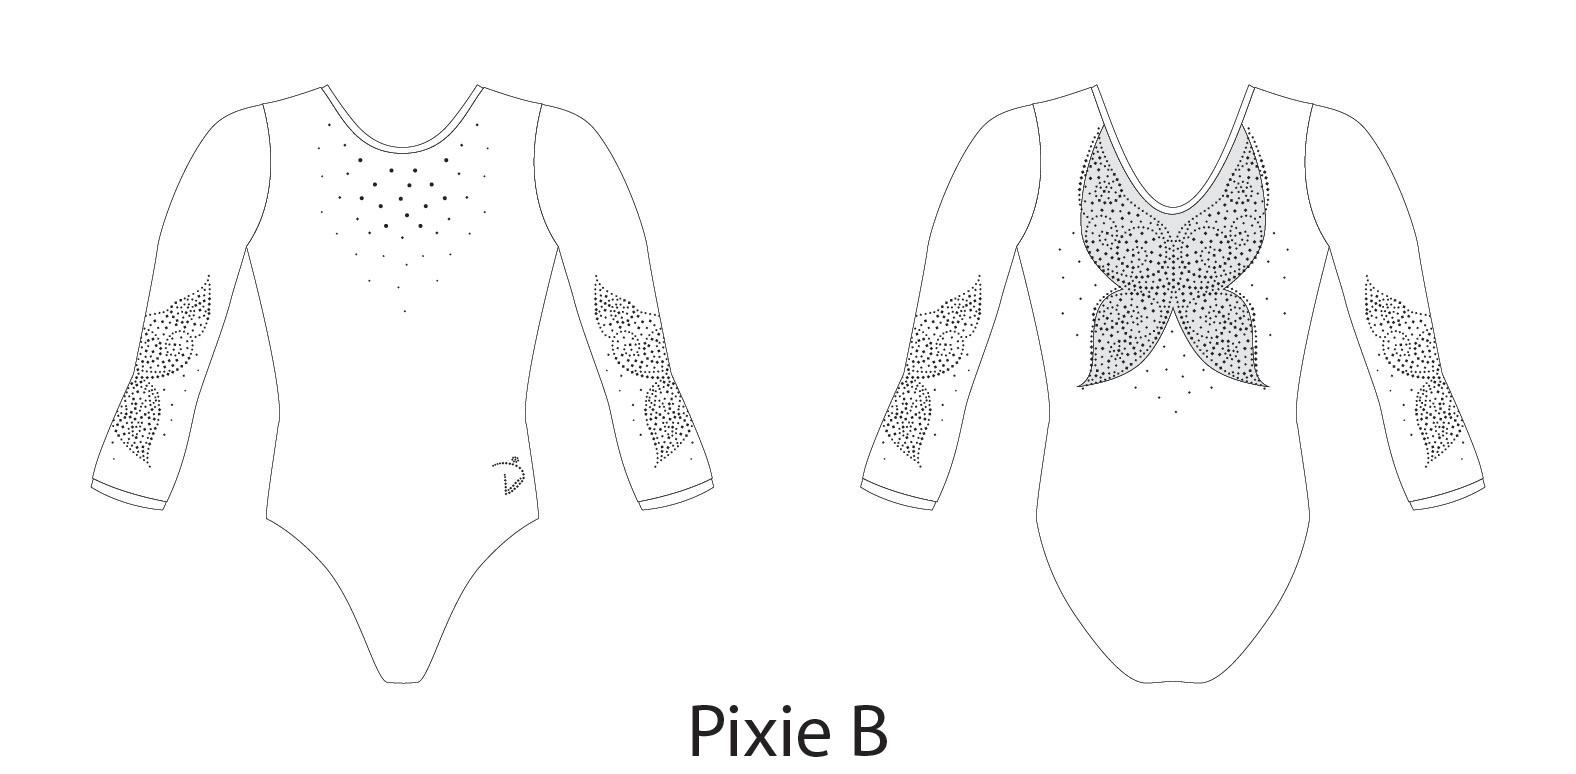 Pixie B